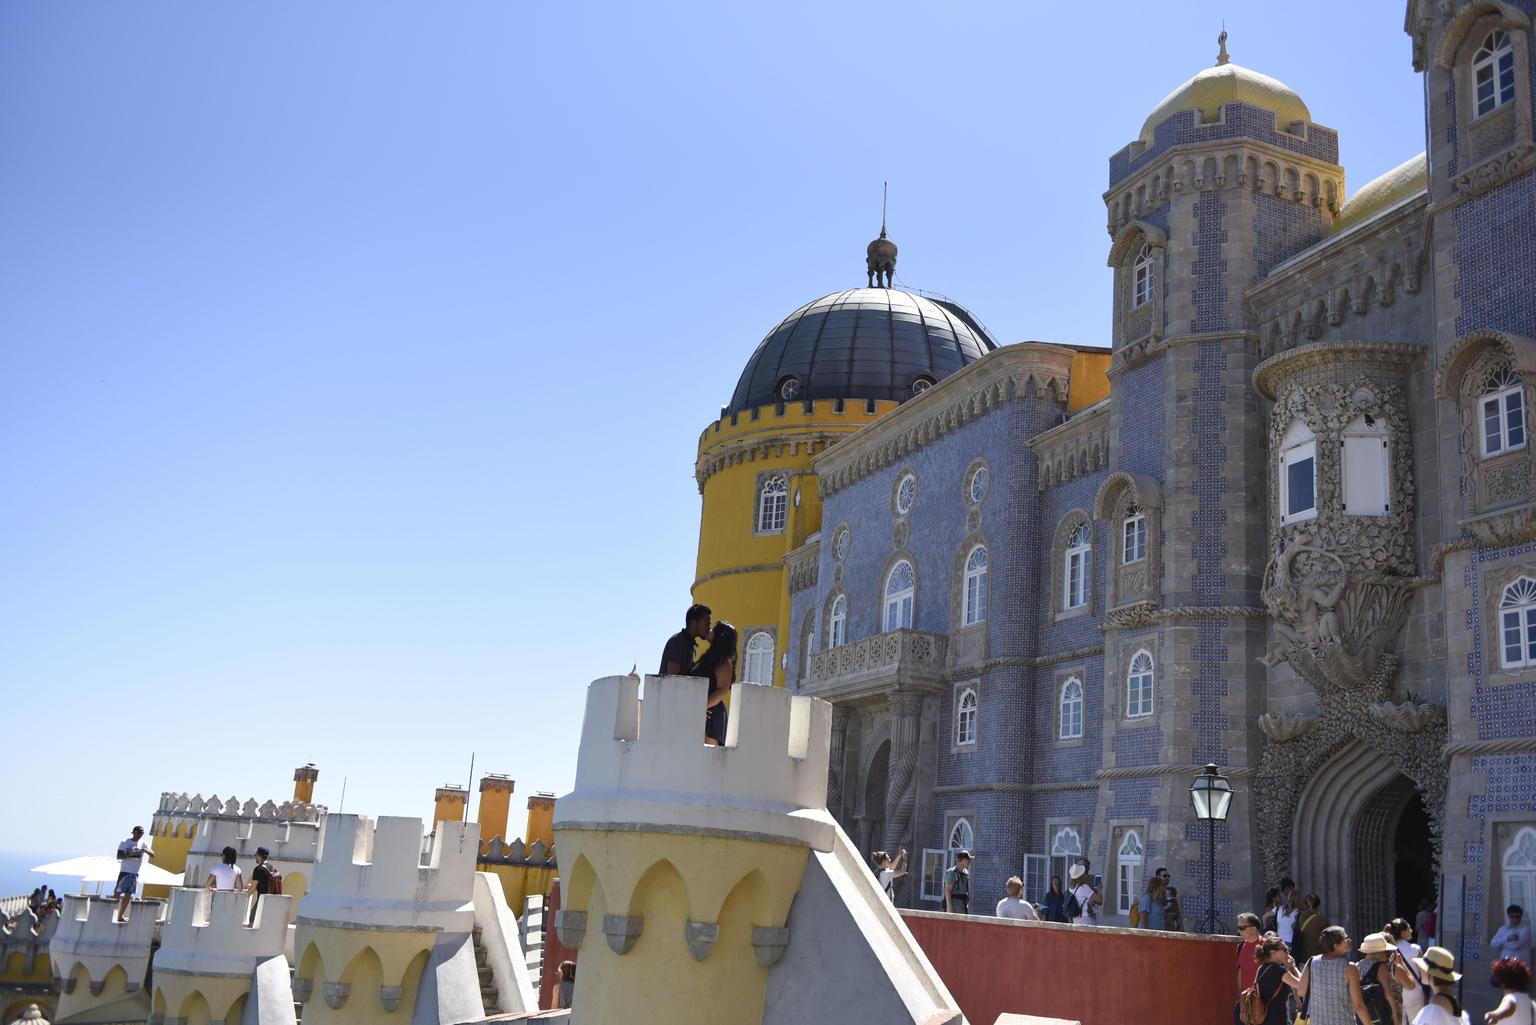 MÁS FOTOS, Recorrido de día completo por Sintra para grupos pequeños: Deje que el cuento de hadas comience